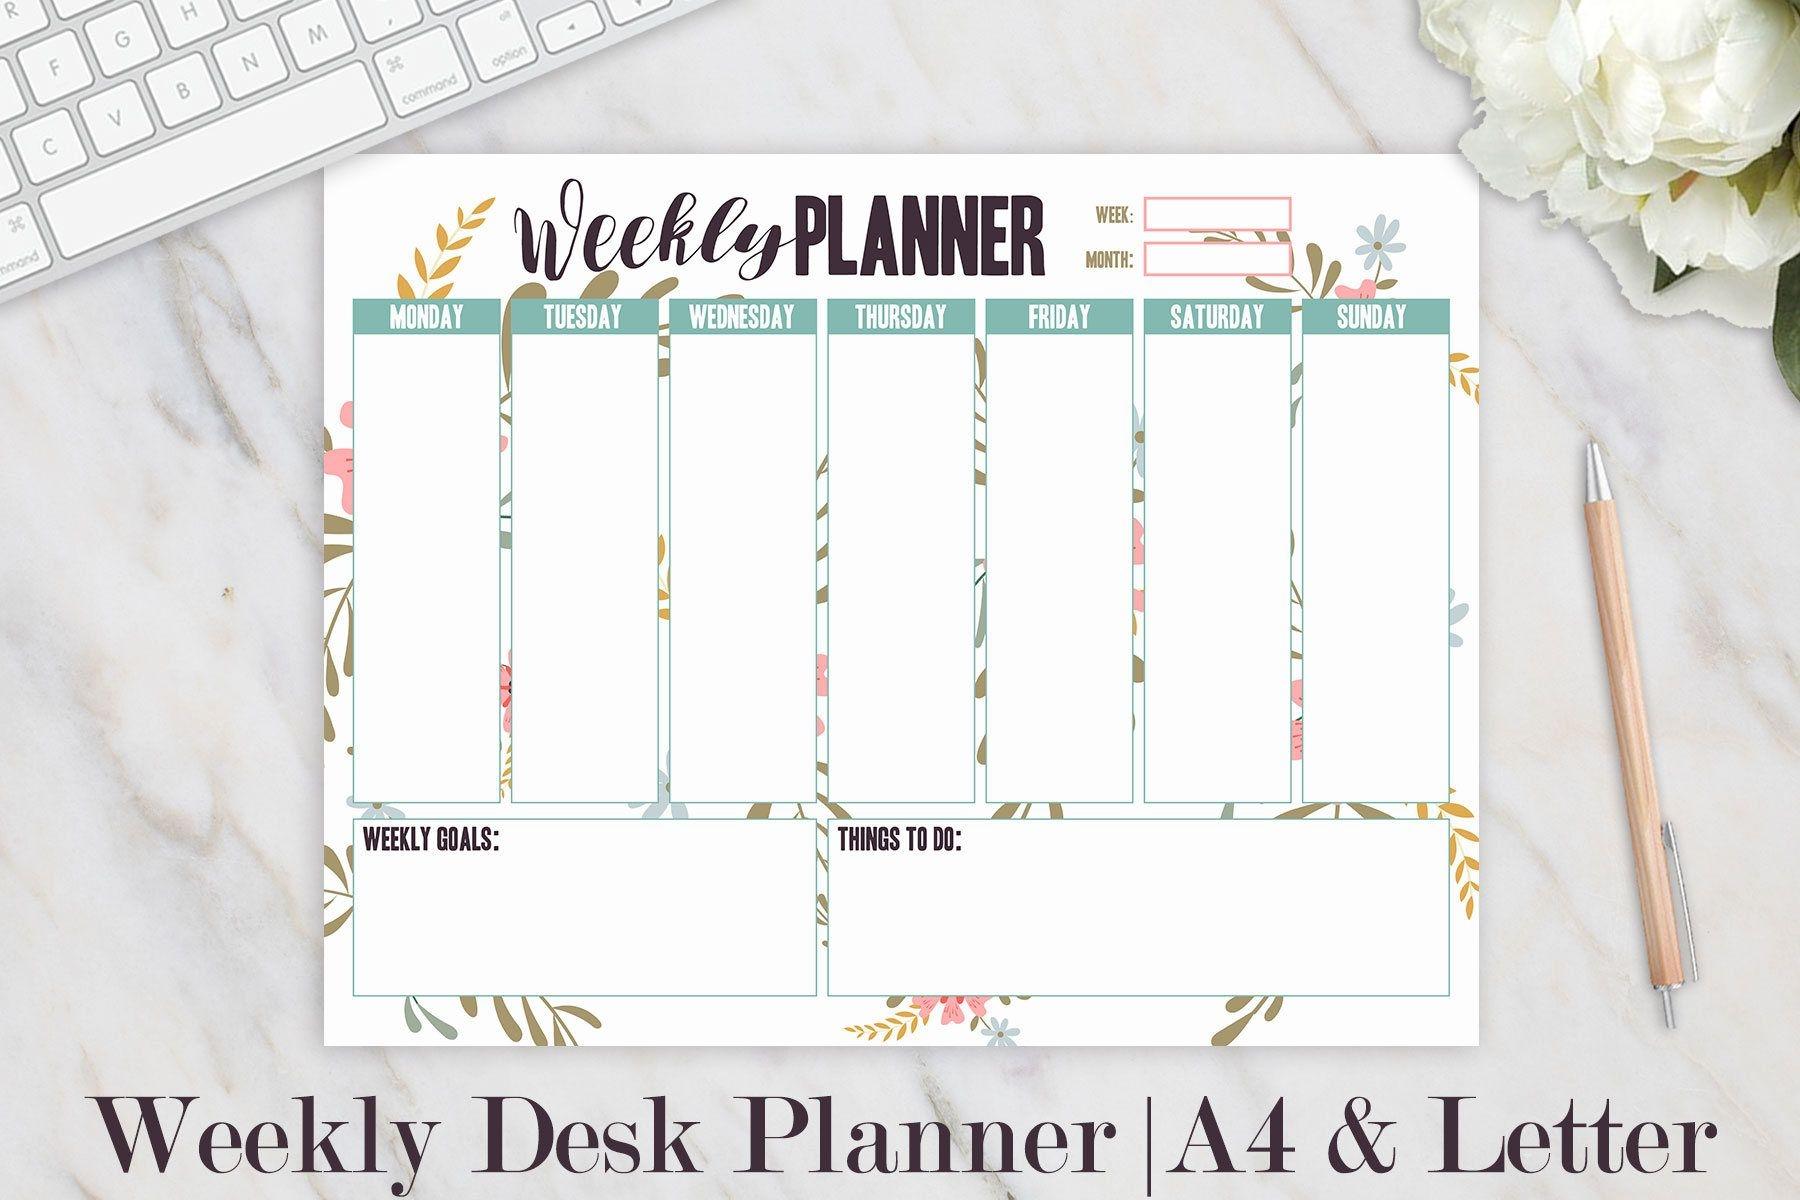 weekly planner printable weekly desk planner weekly